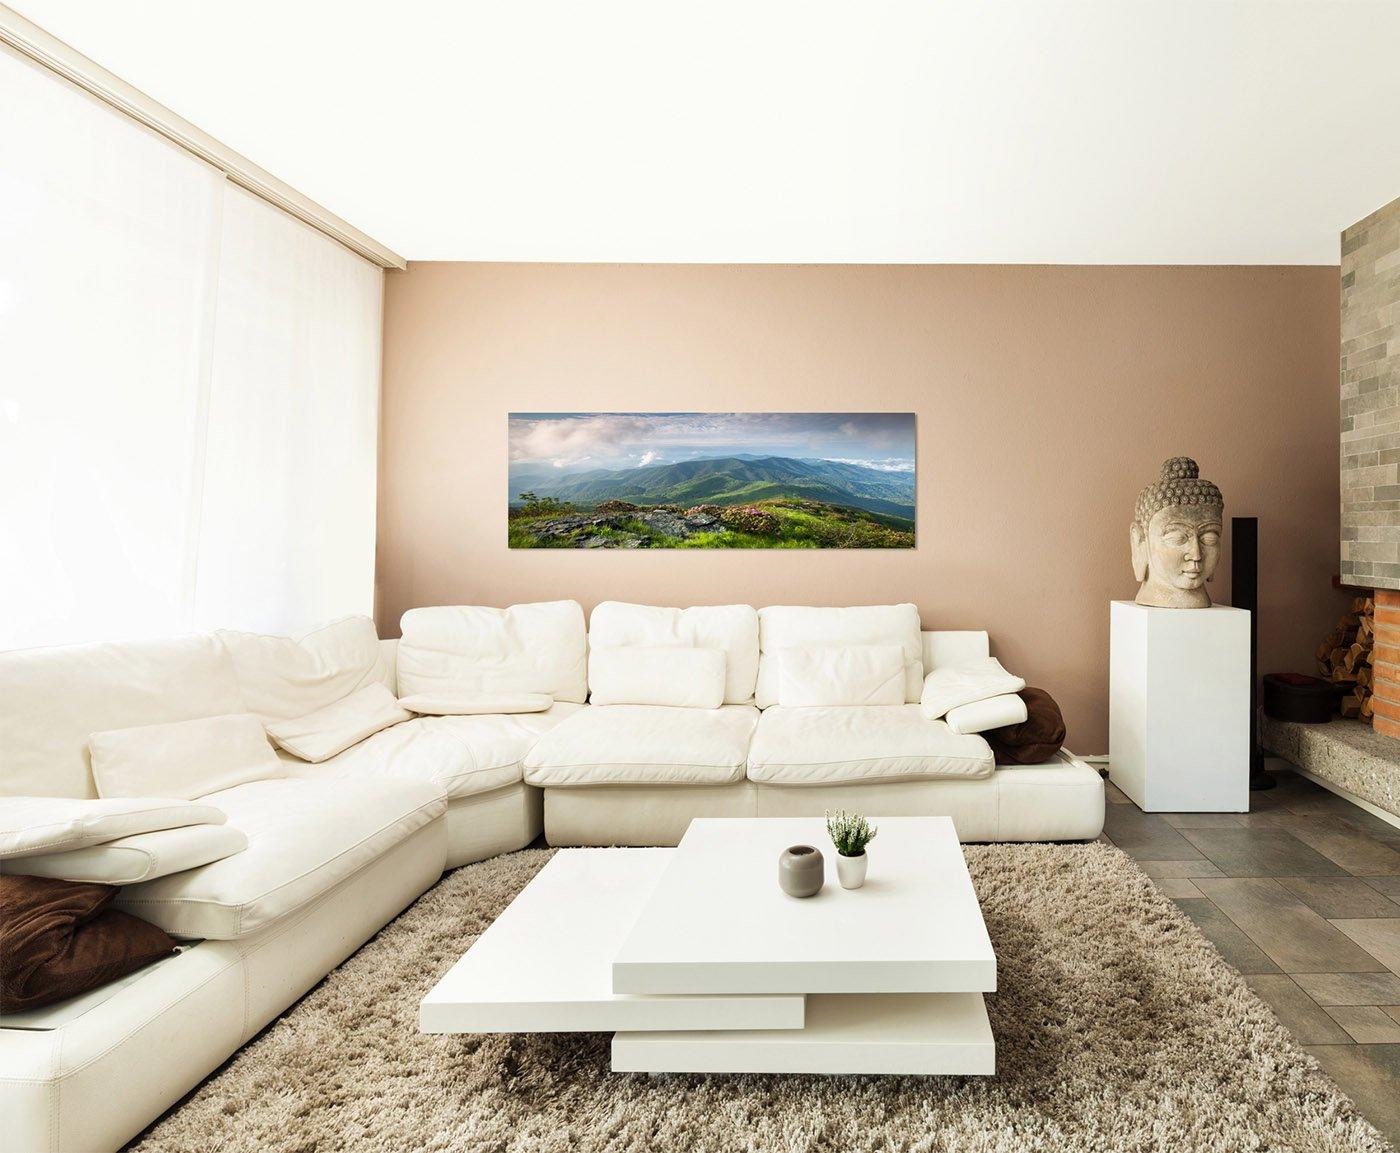 Wandbild auf Leinwand als Panorama in 150x50cm Landschaft Berge Wiese Wolkenhimmel Natur